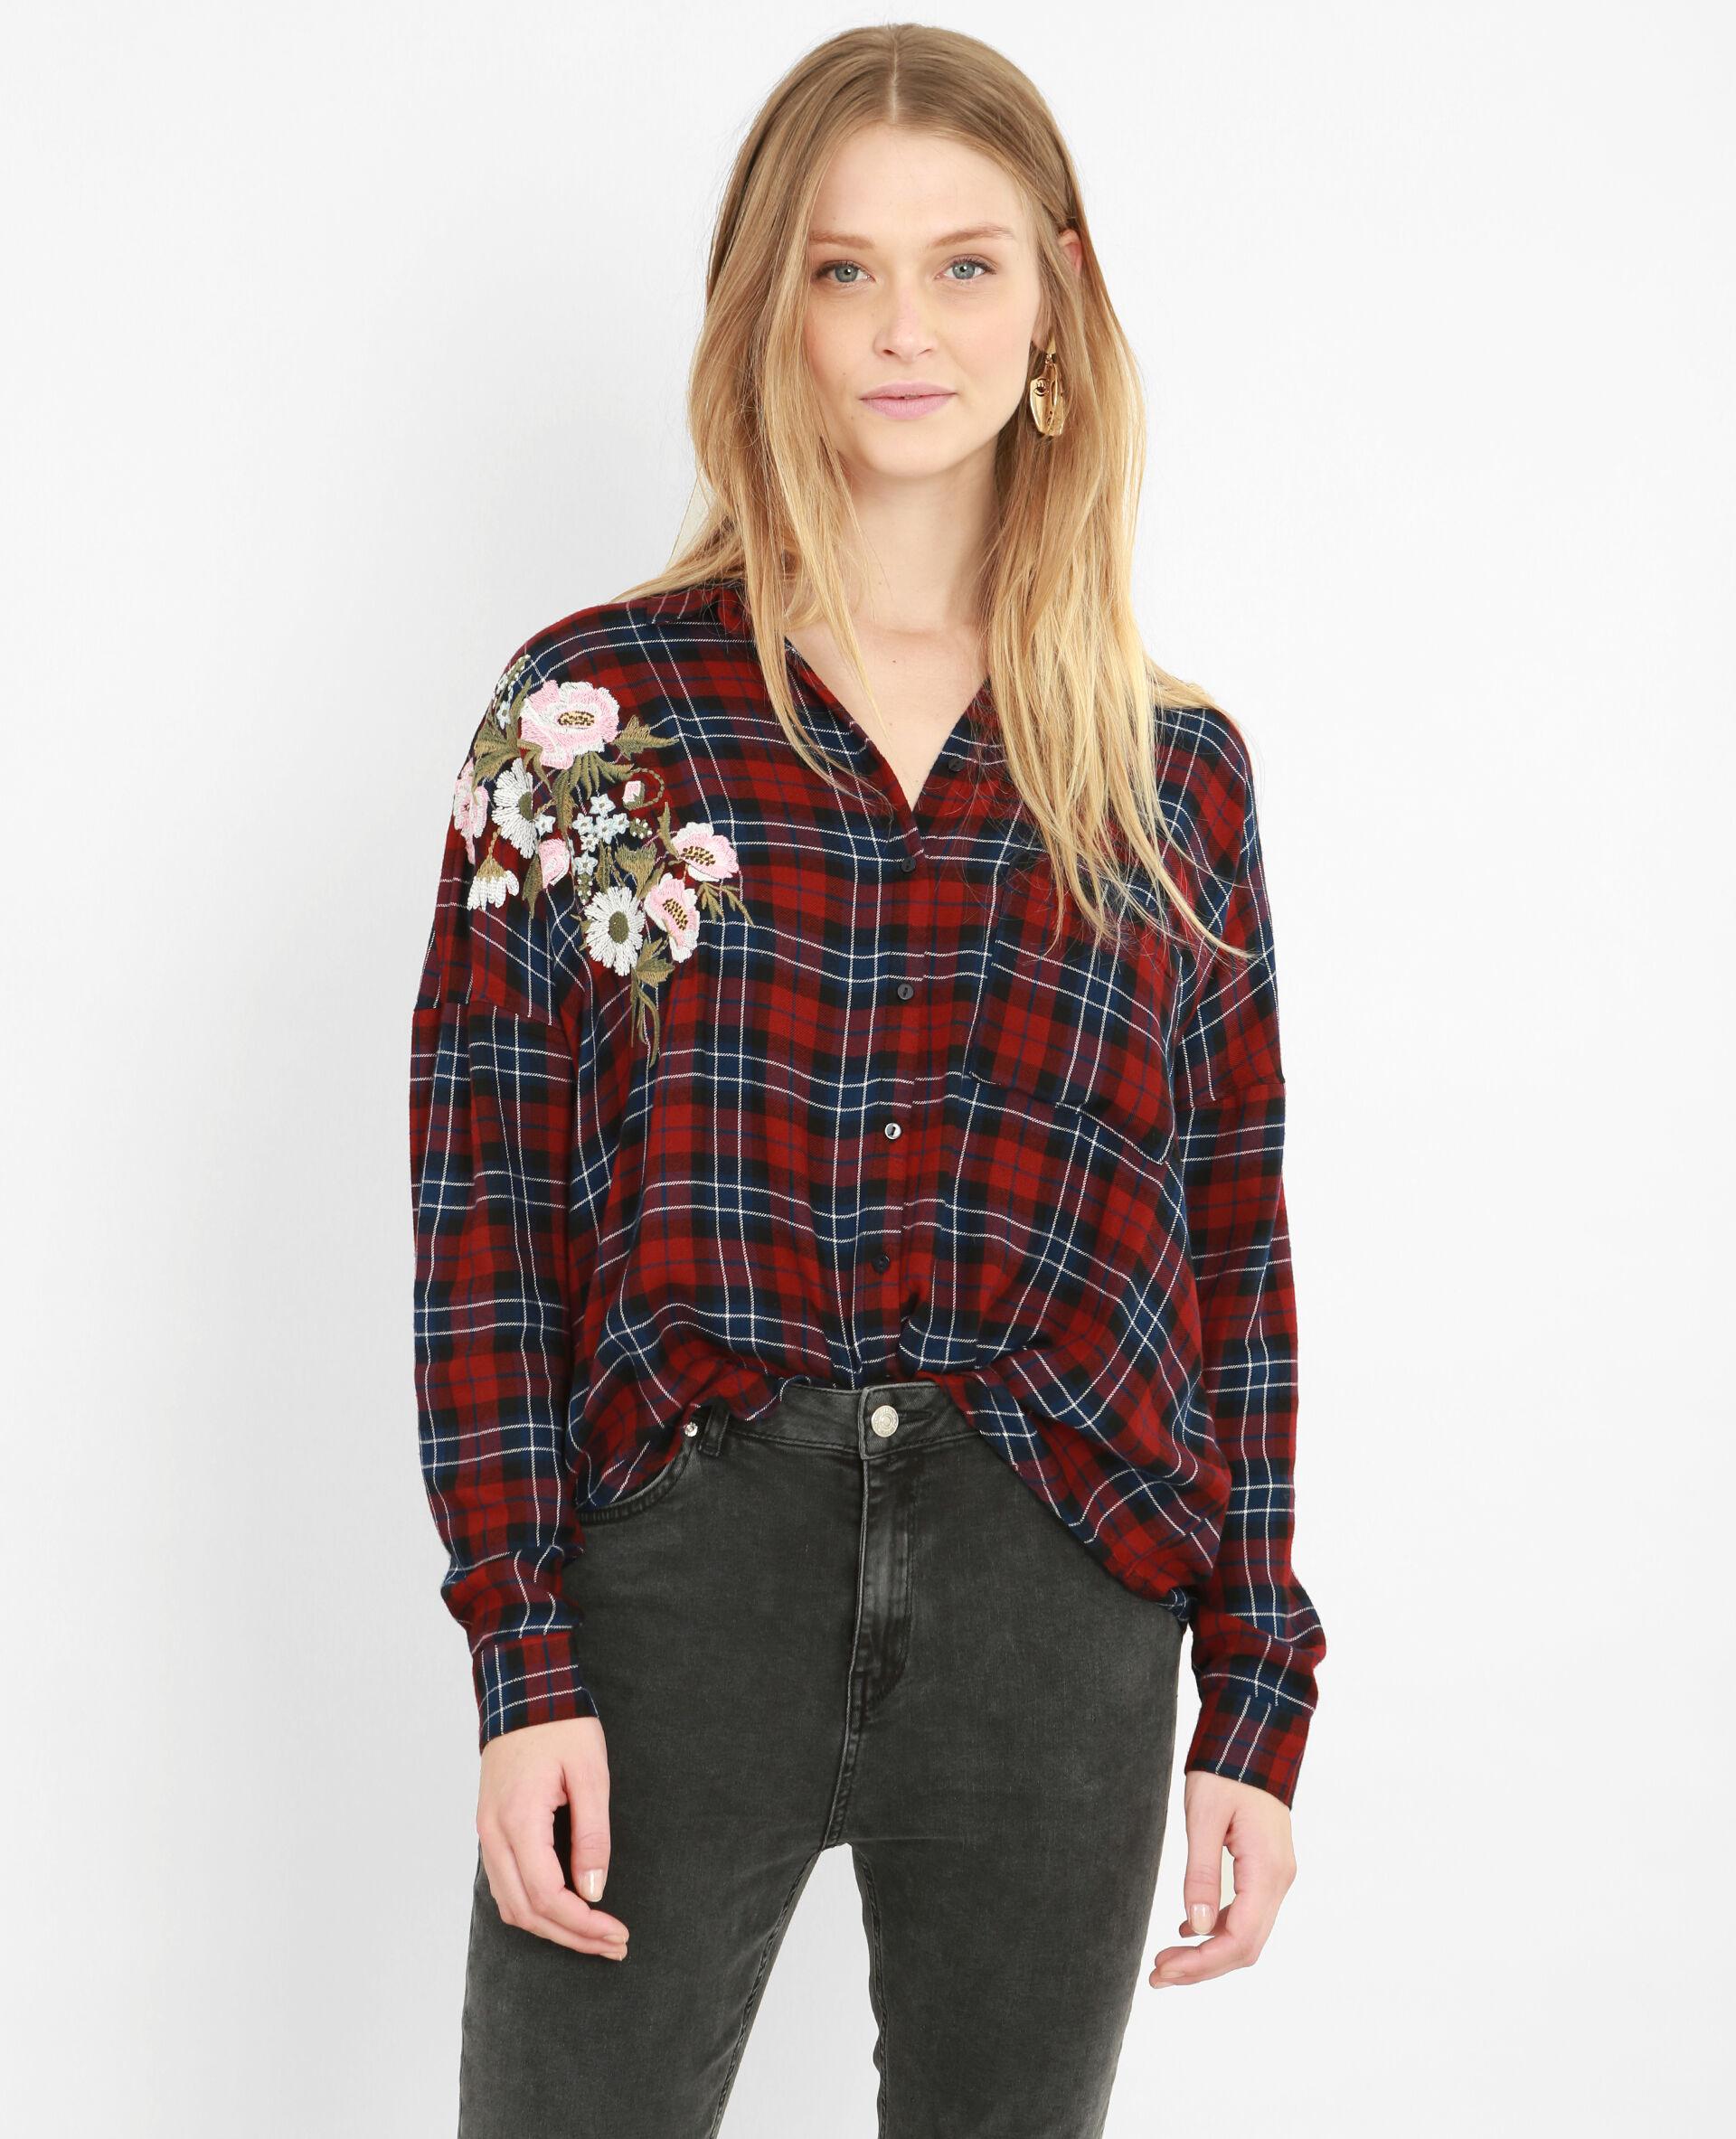 5479dbad5aa46  chemise à carreaux brodée femme couleur bordeaux taille l  strong pimkie